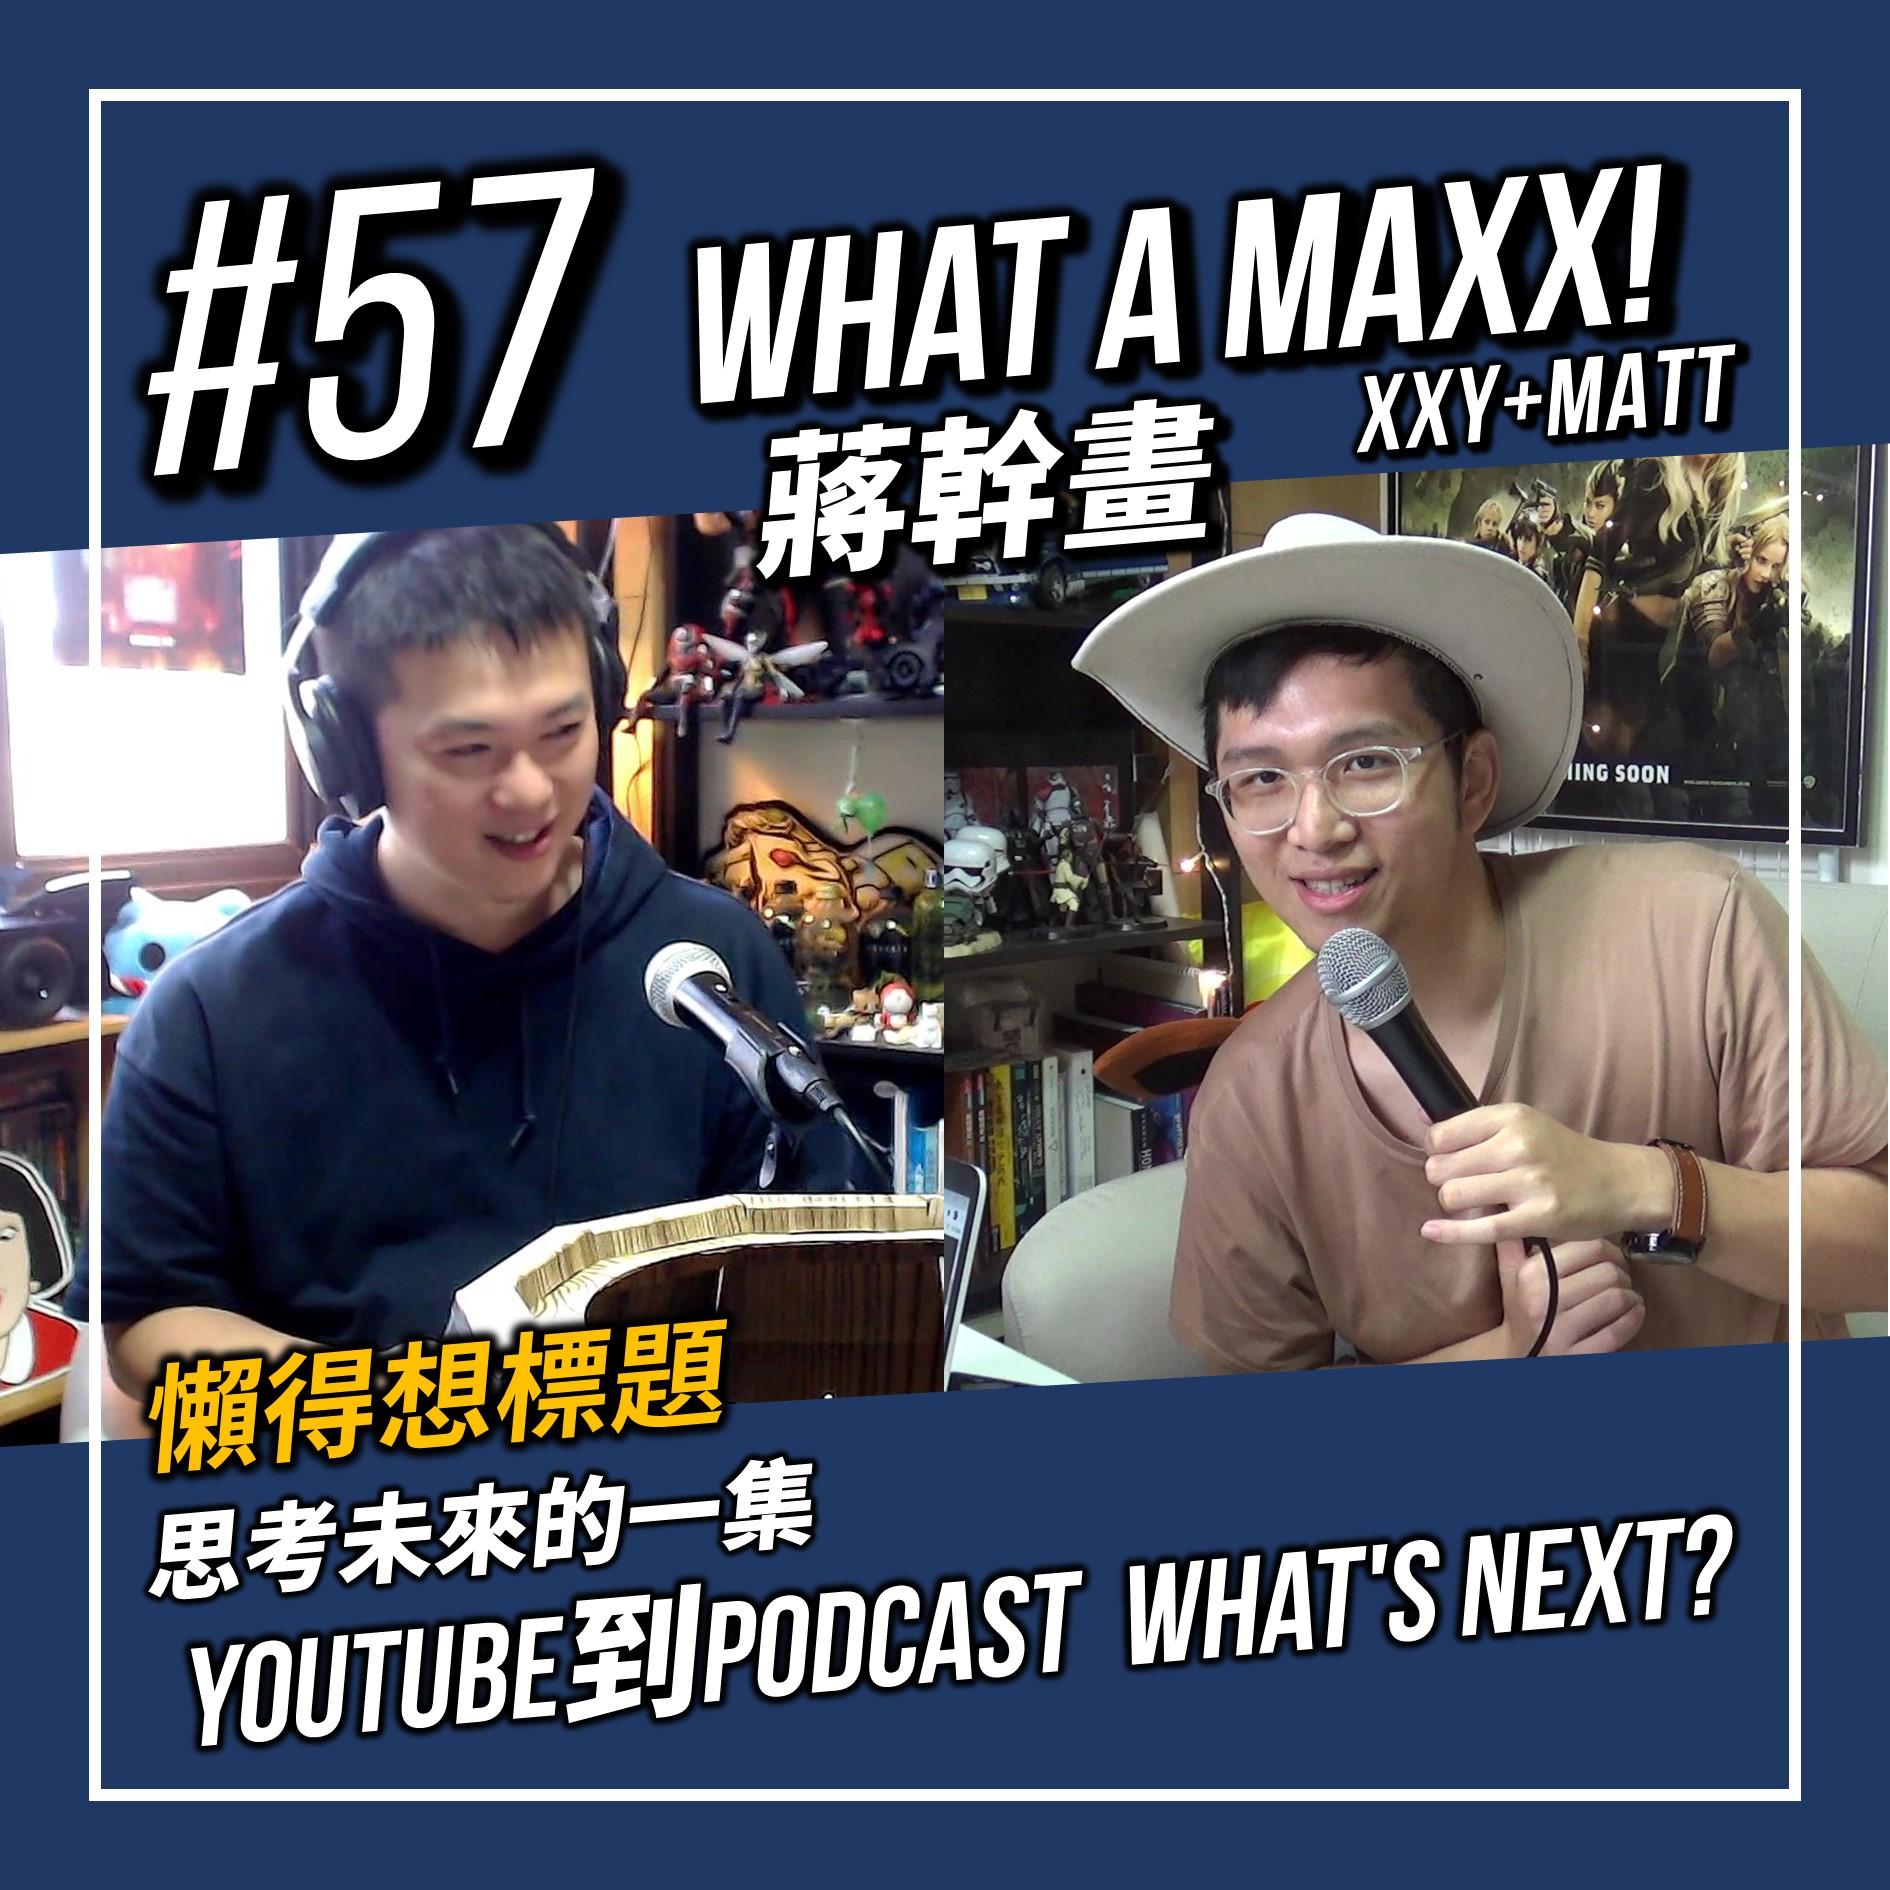 【What A MAXX! 蔣幹畫...懶得想標題... 】#057 - 思考未來的一集,YouTube到PODCAST What's NEXT?   XXY + Matt